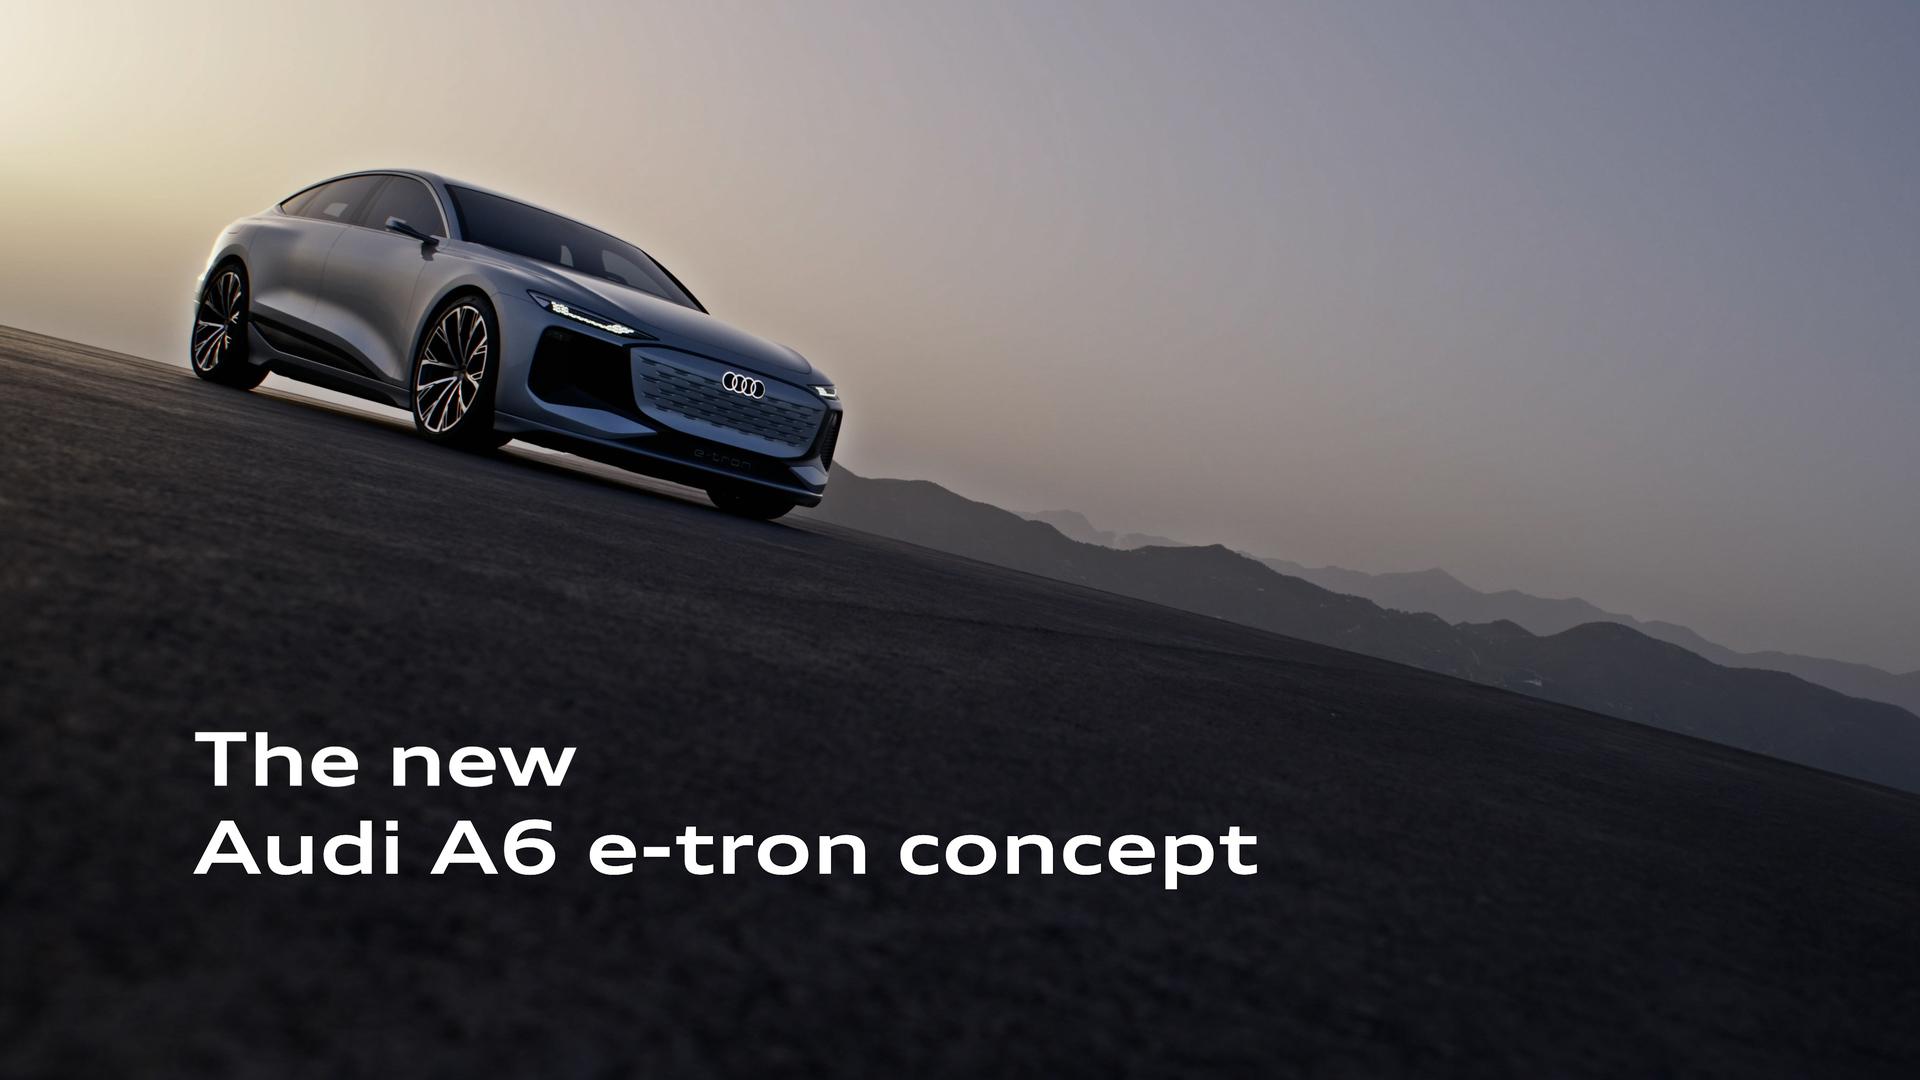 Trailer: Audi A6 e-tron concept